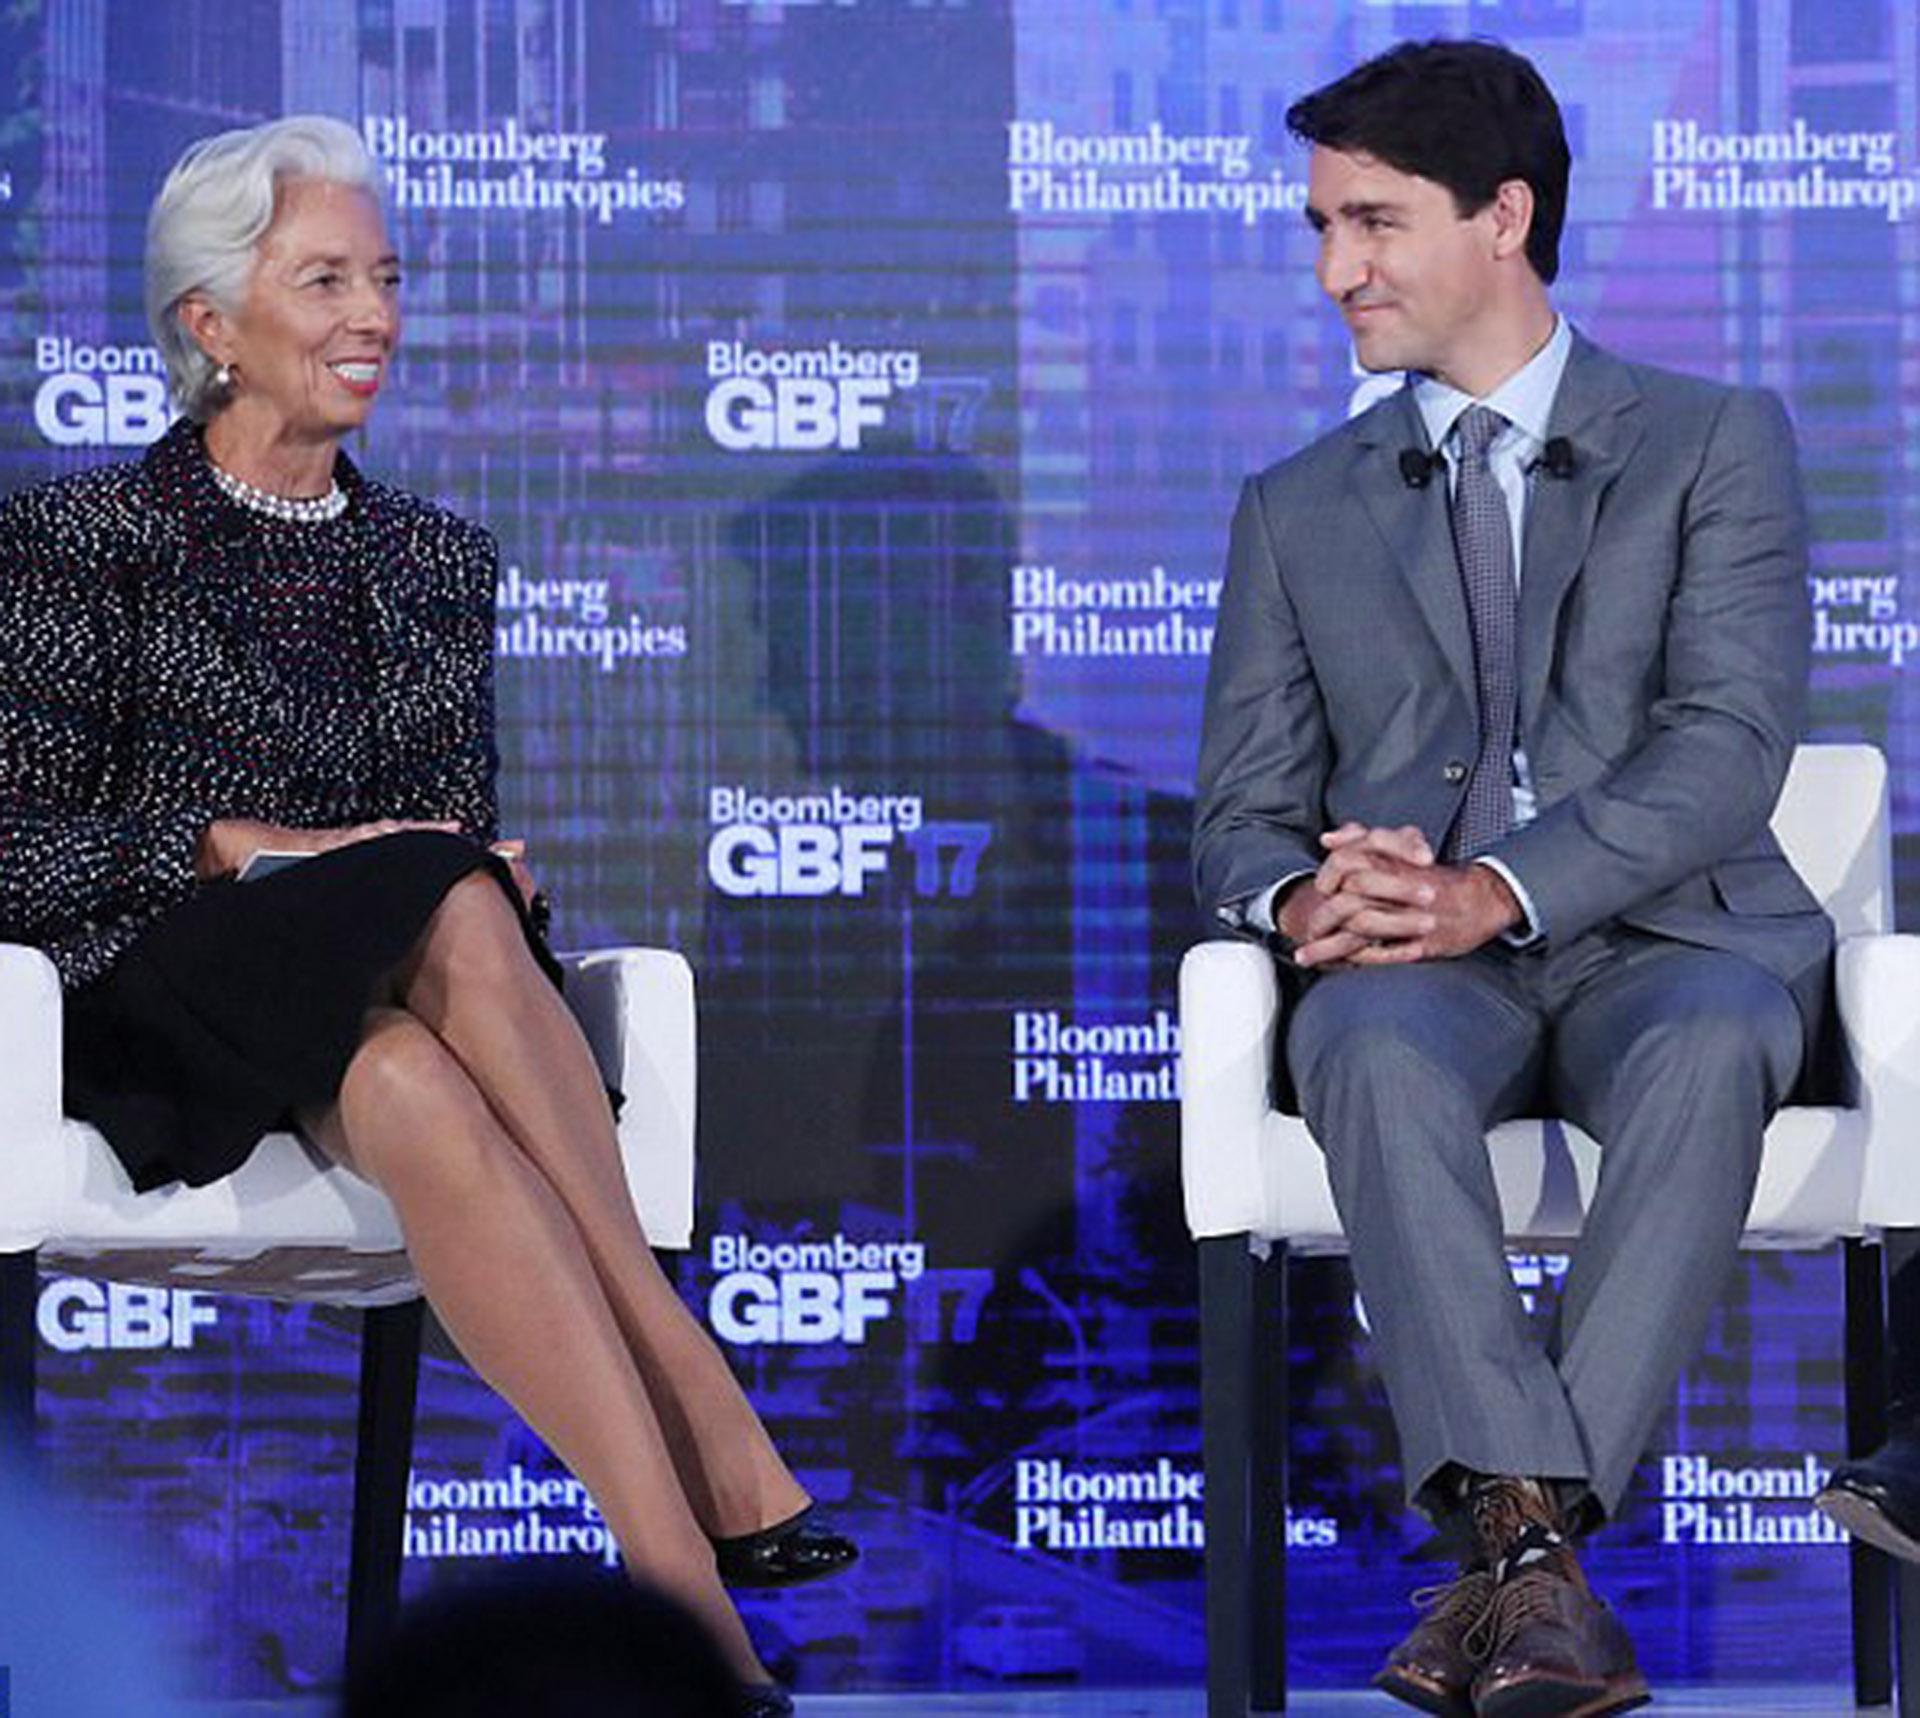 Justin Trudeau con traje formal y medias de Chewbacca en una reunión con Christine Lagarde en Davos